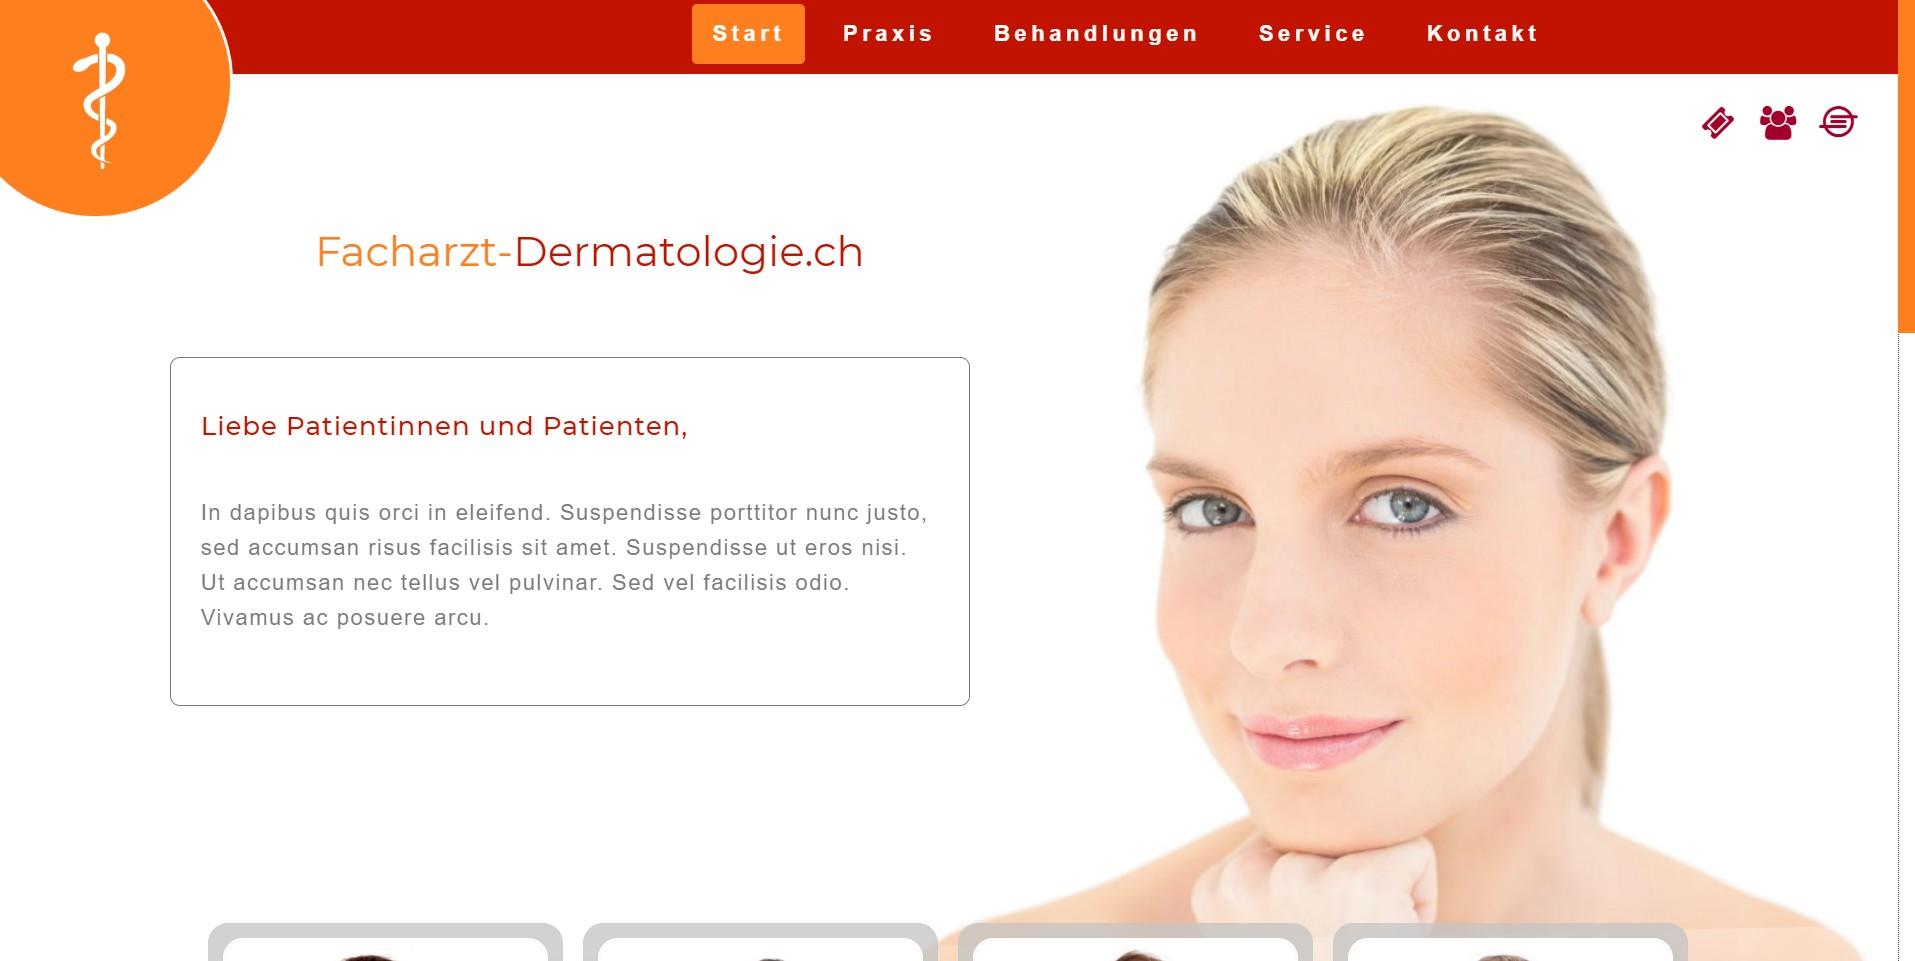 Facharzt-Dermatologie.ch